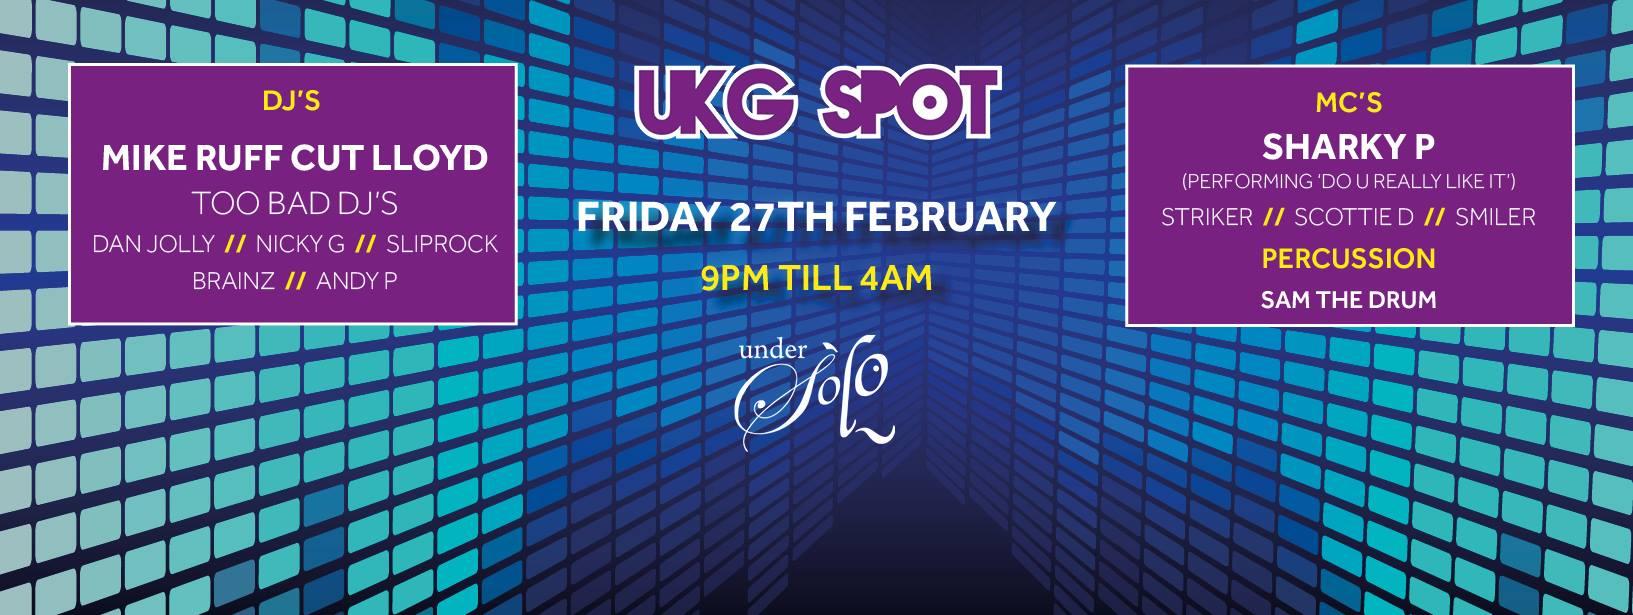 UKG Spot Feb 2015